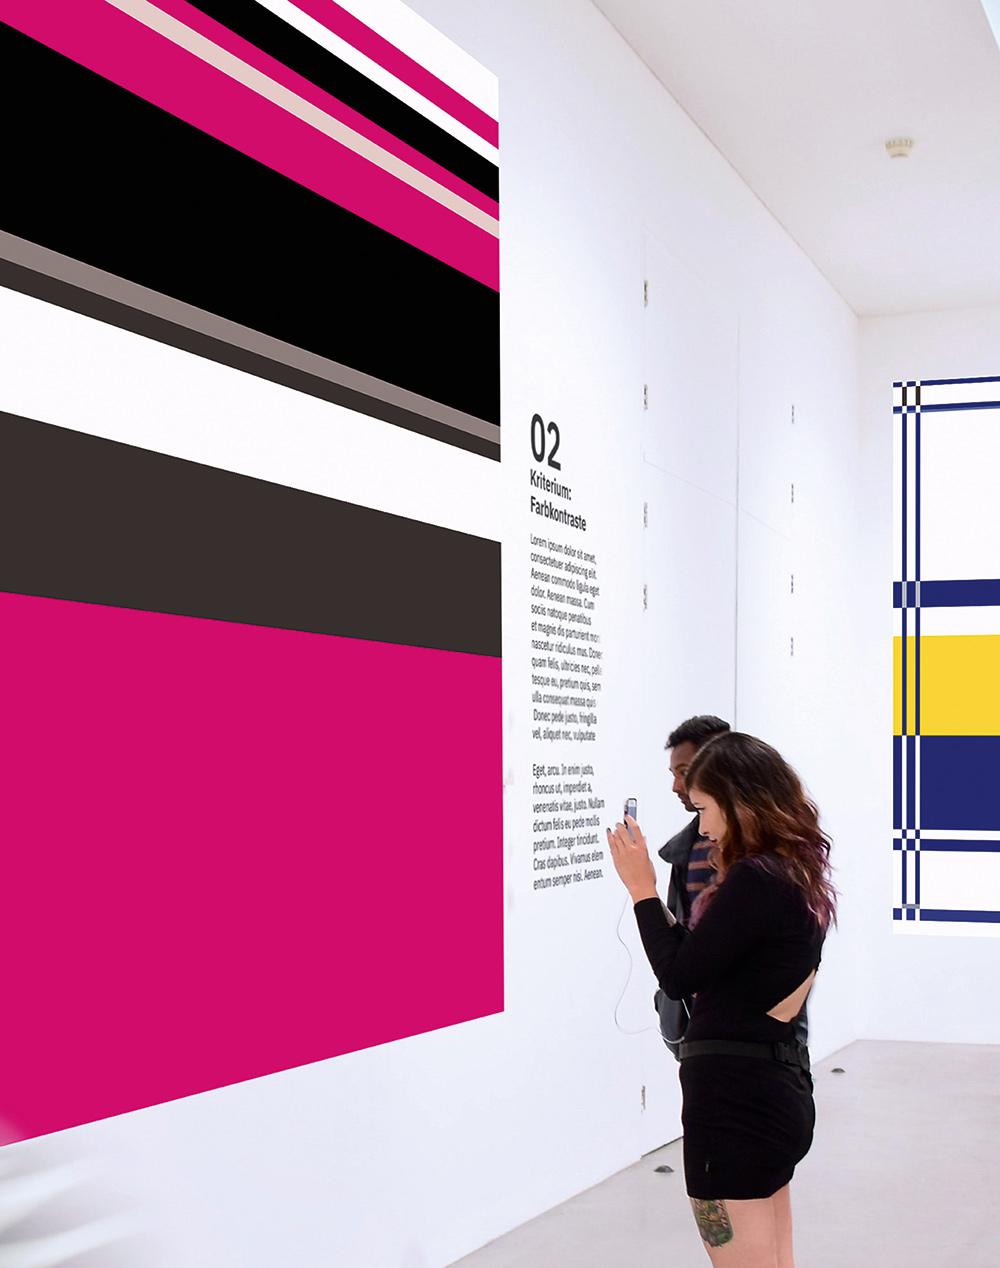 Ausstellungs Mock Up mit Besuchern vor großflächigen Plakaten